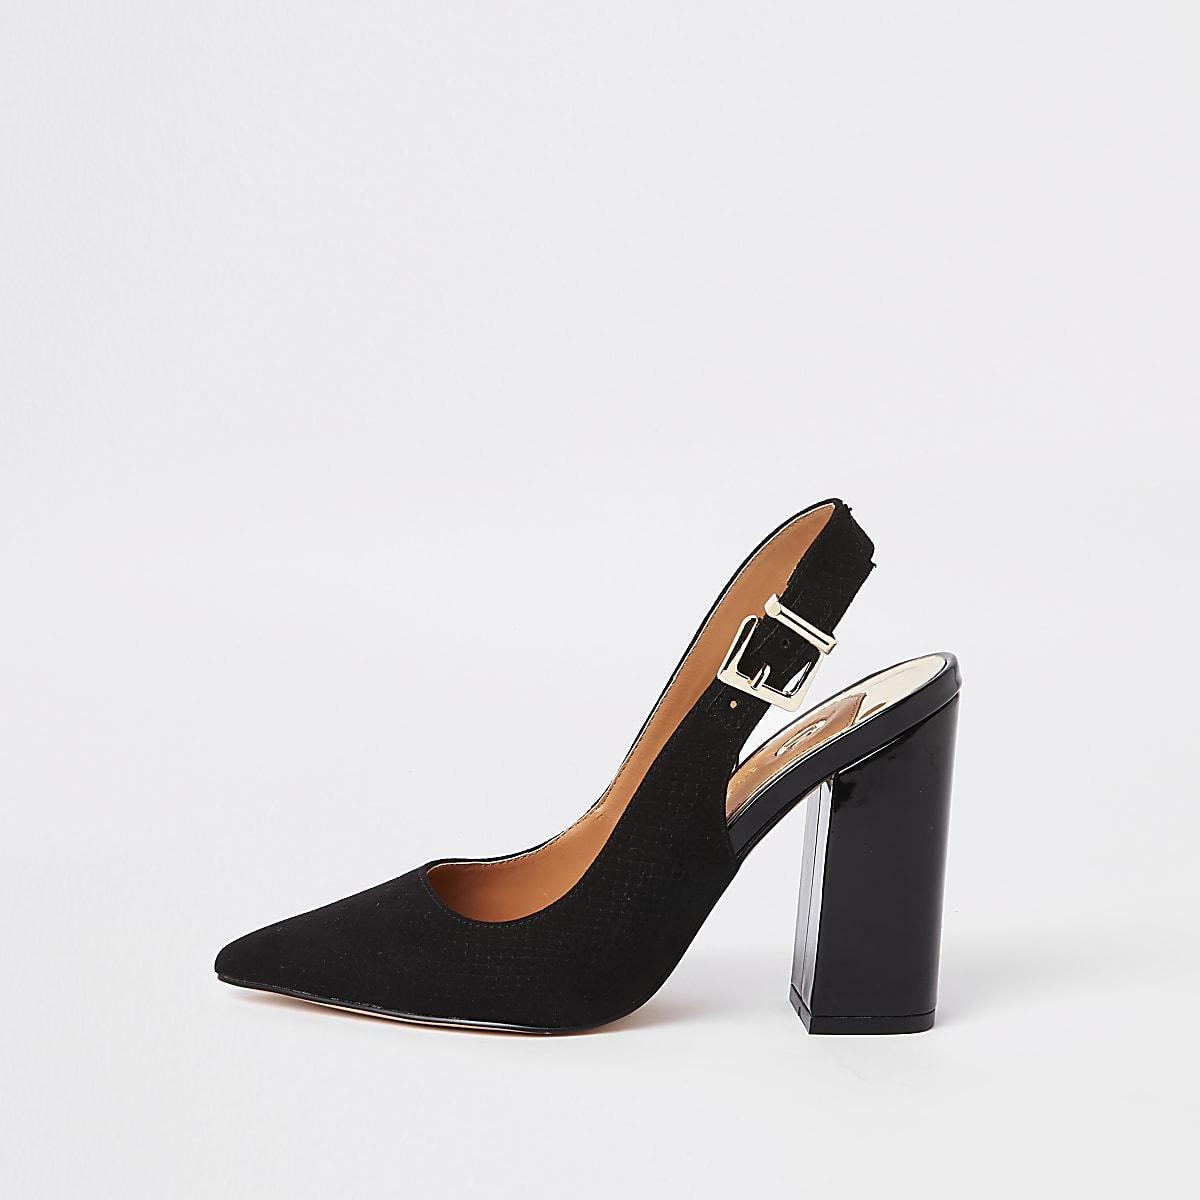 4ec6b56603 Black block heel slingback court shoes - Shoes - Shoes & Boots - women